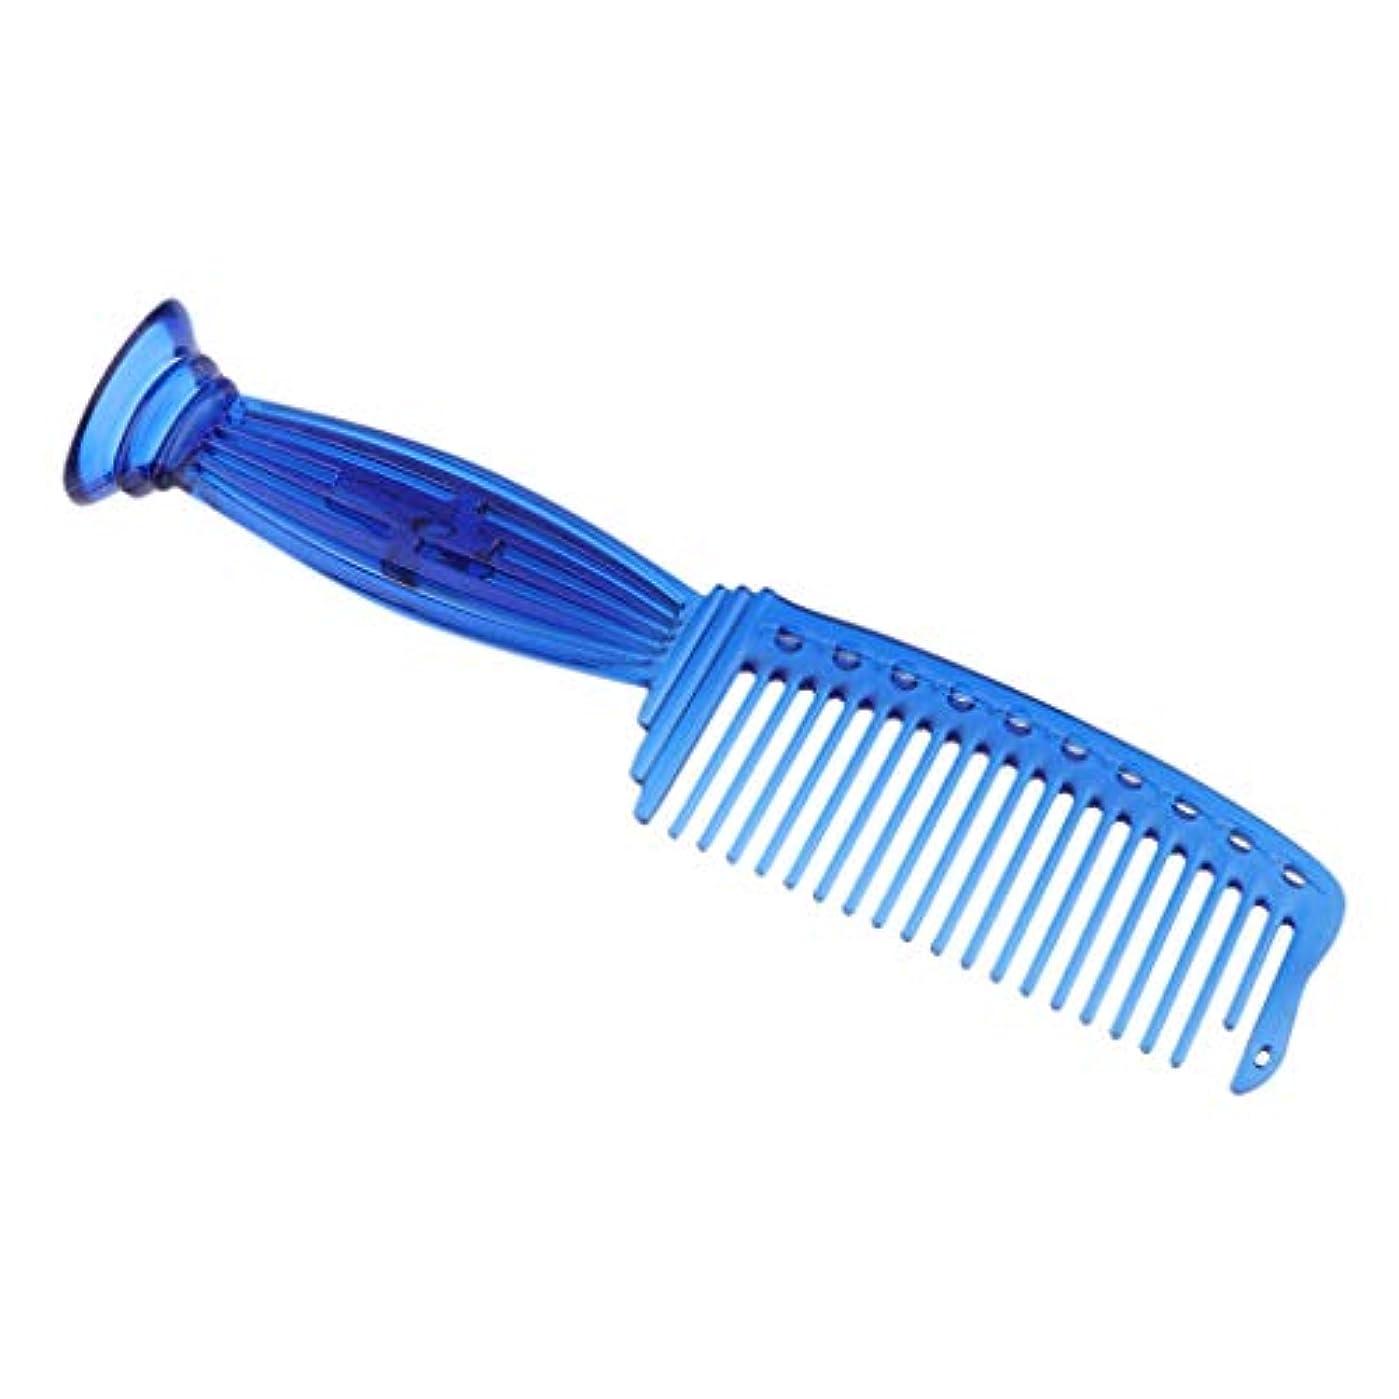 好きである曲がった演じるF Fityle ヘアコーム ヘアブラシ プロ ヘアサロン 理髪師 ワイド歯 プラスチック 5色選べ - 青